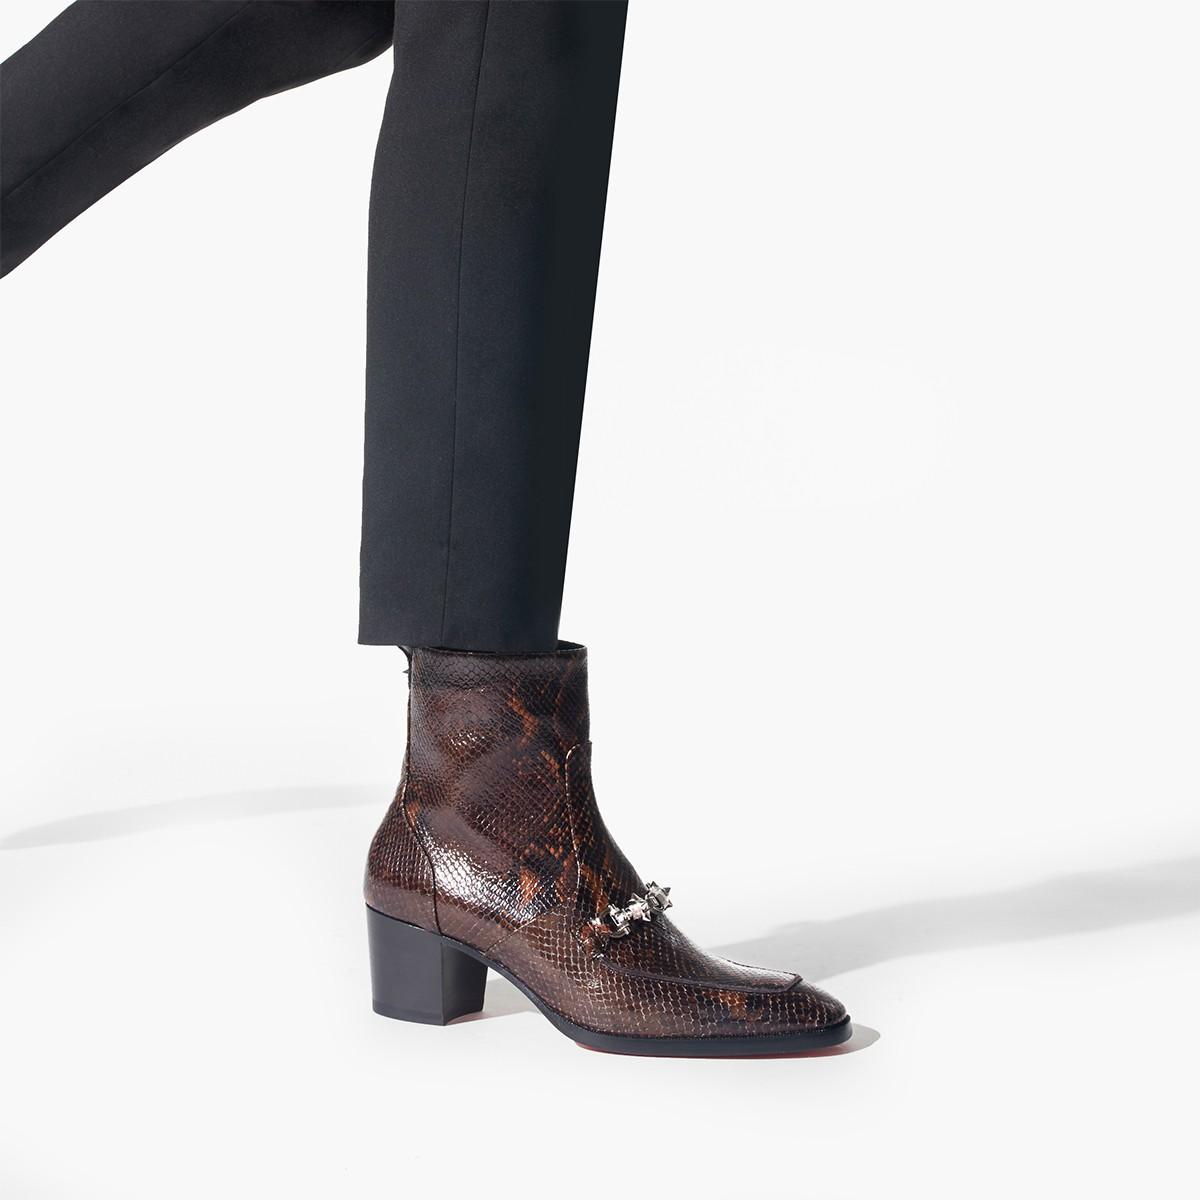 Shoes - Mayerswing - Christian Louboutin